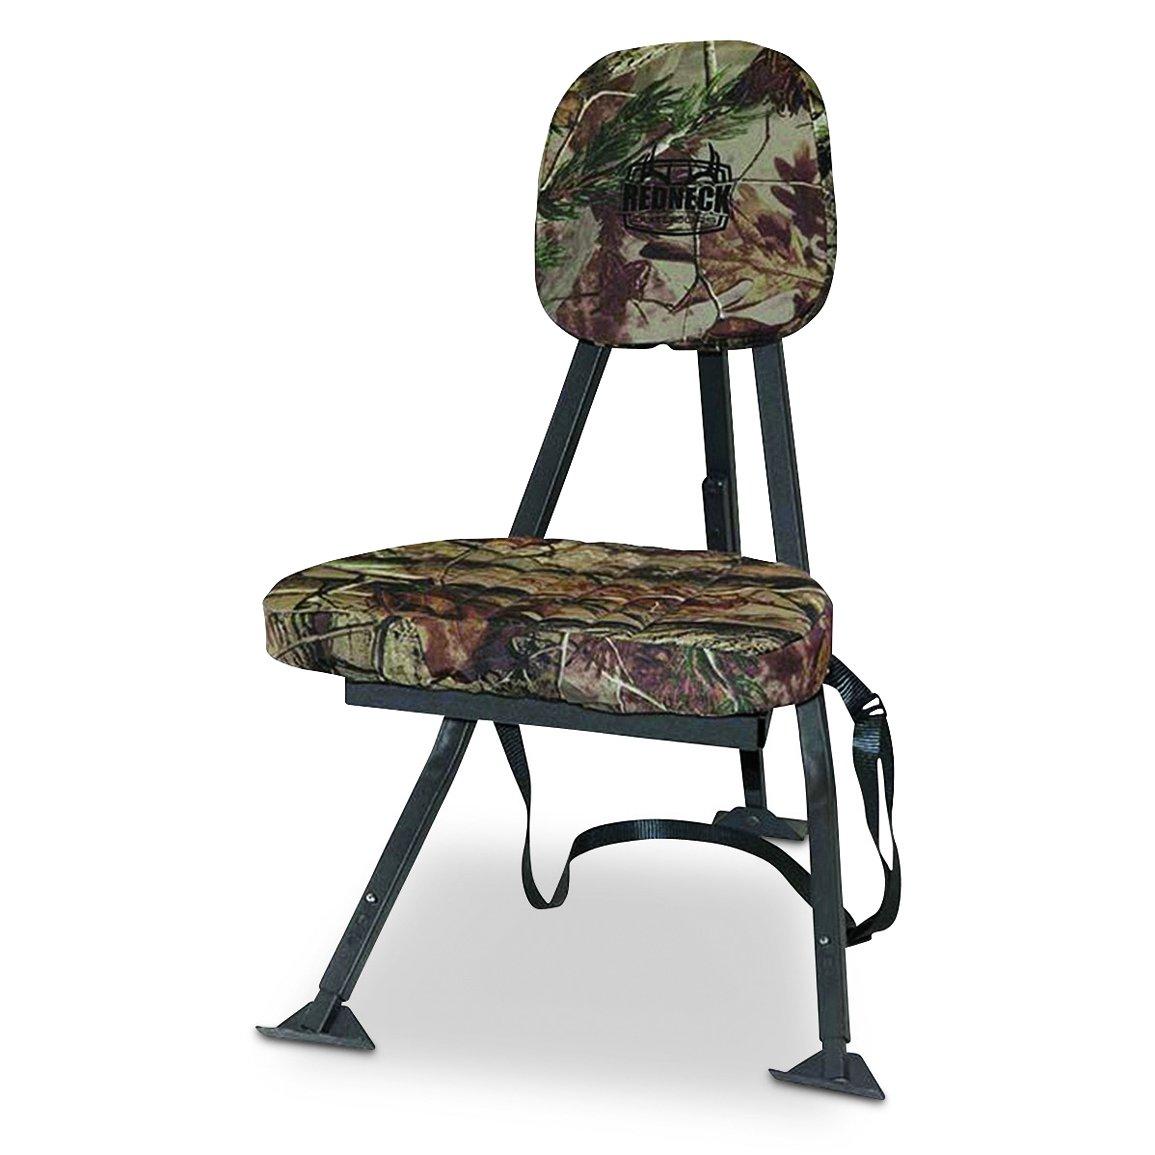 REDNEK Redneck Blinds Portable Hunting Chair by REDNEK